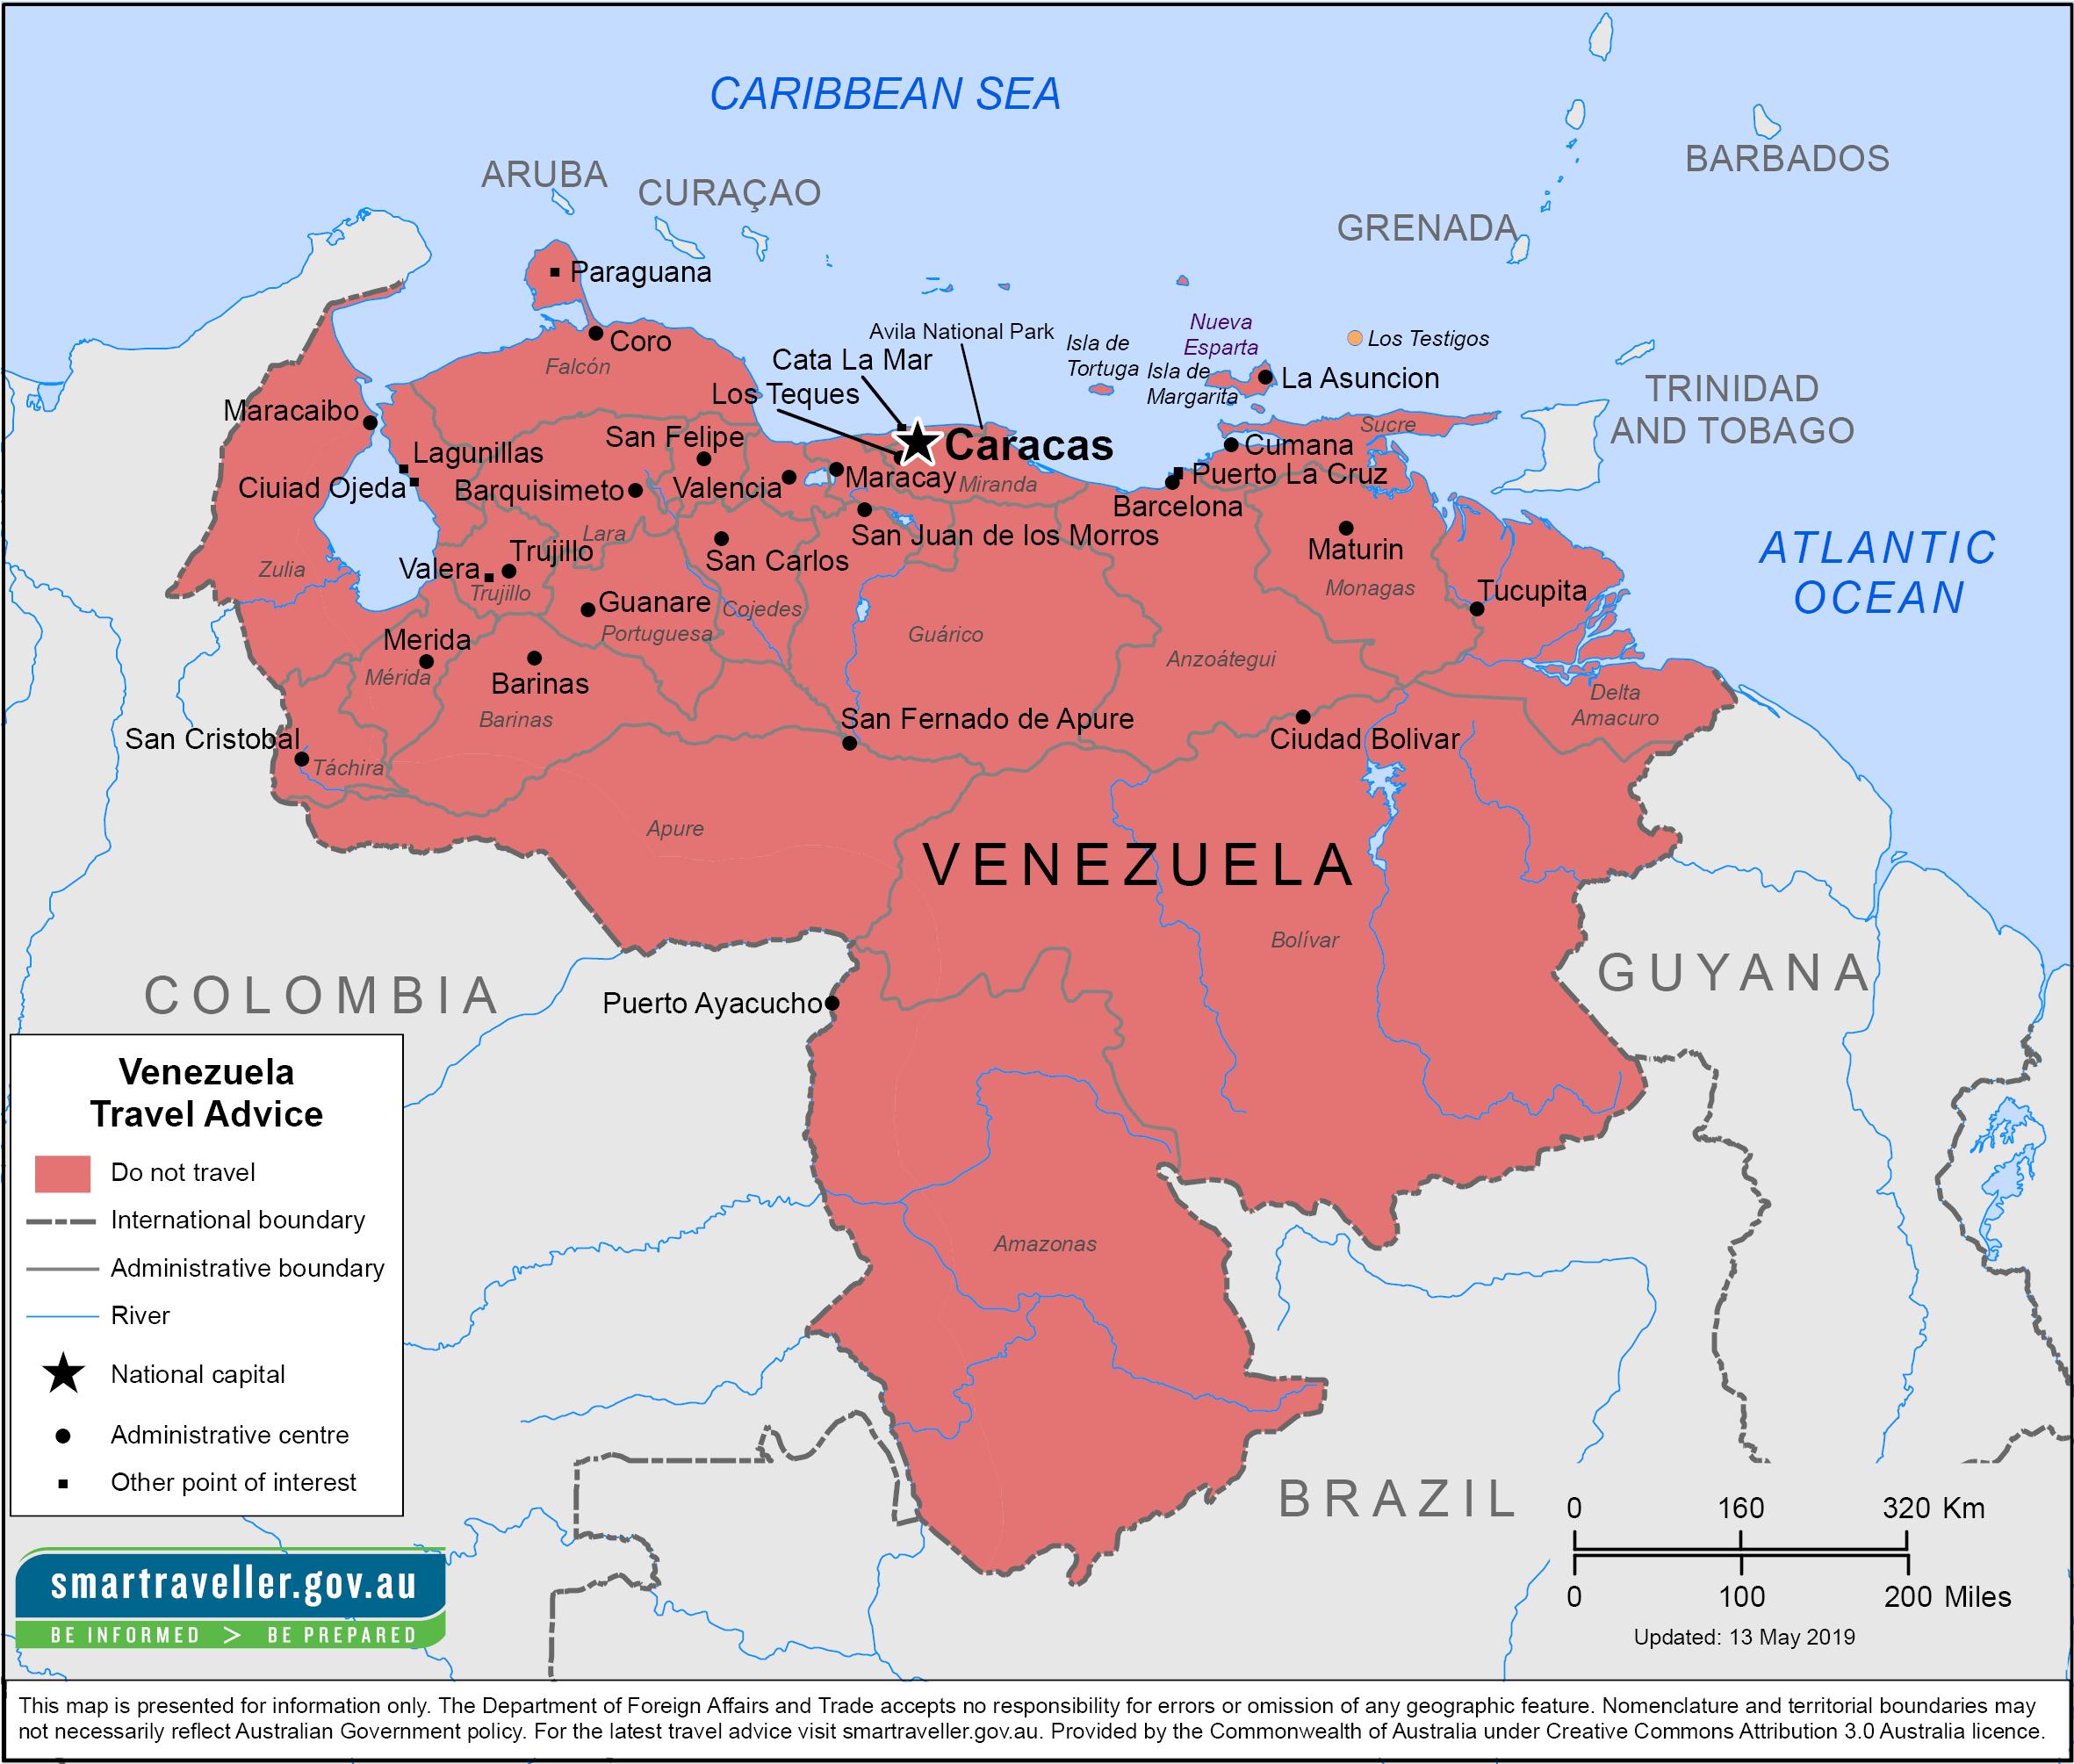 Venezuela-Travel-Insurance | AardvarkCompare.com